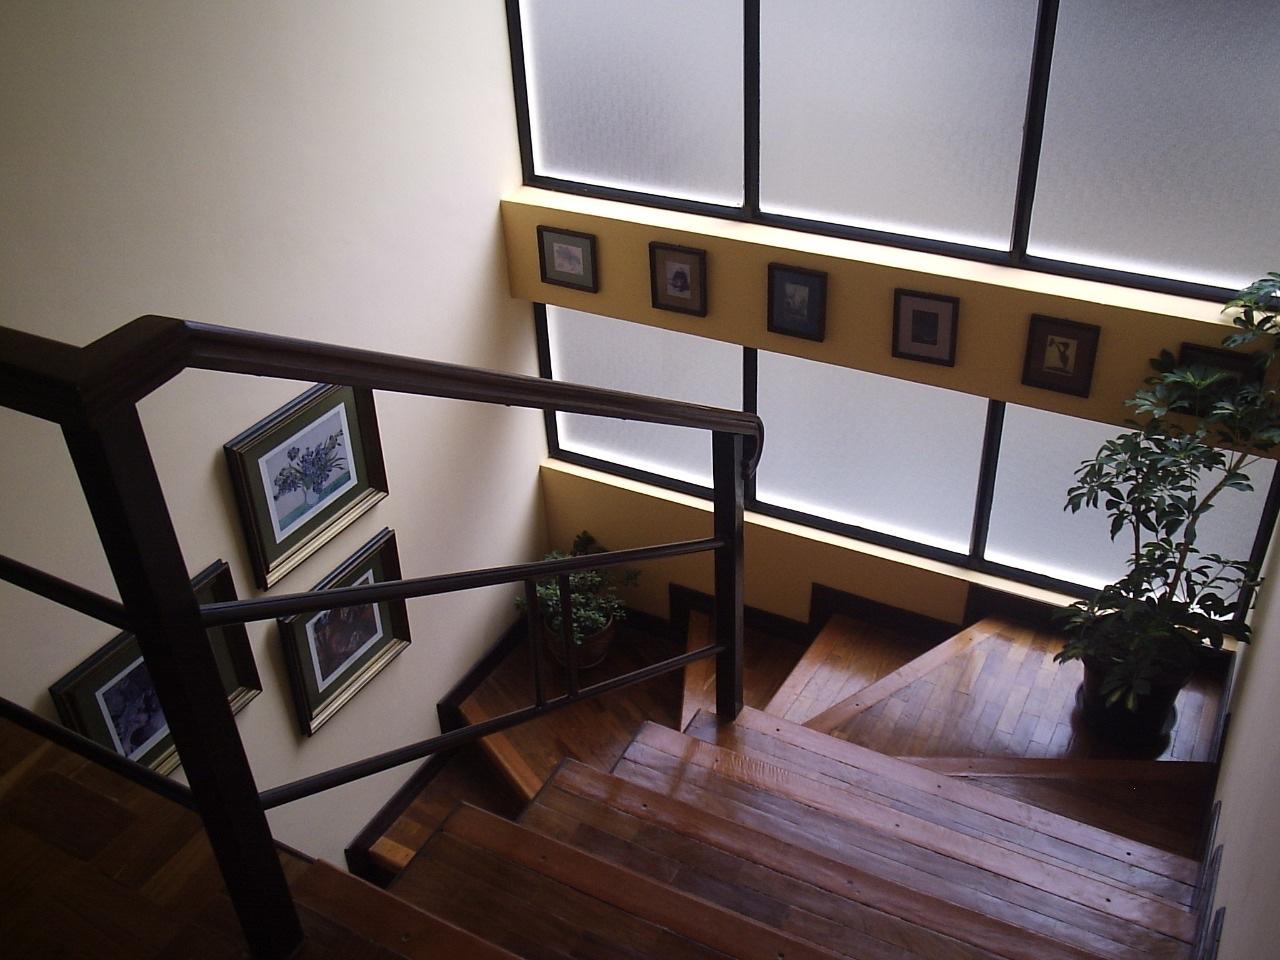 Casa en Venta Achumani inmediaciones calle 25, A pocas cuadras del viaducto San Ramon  Foto 11